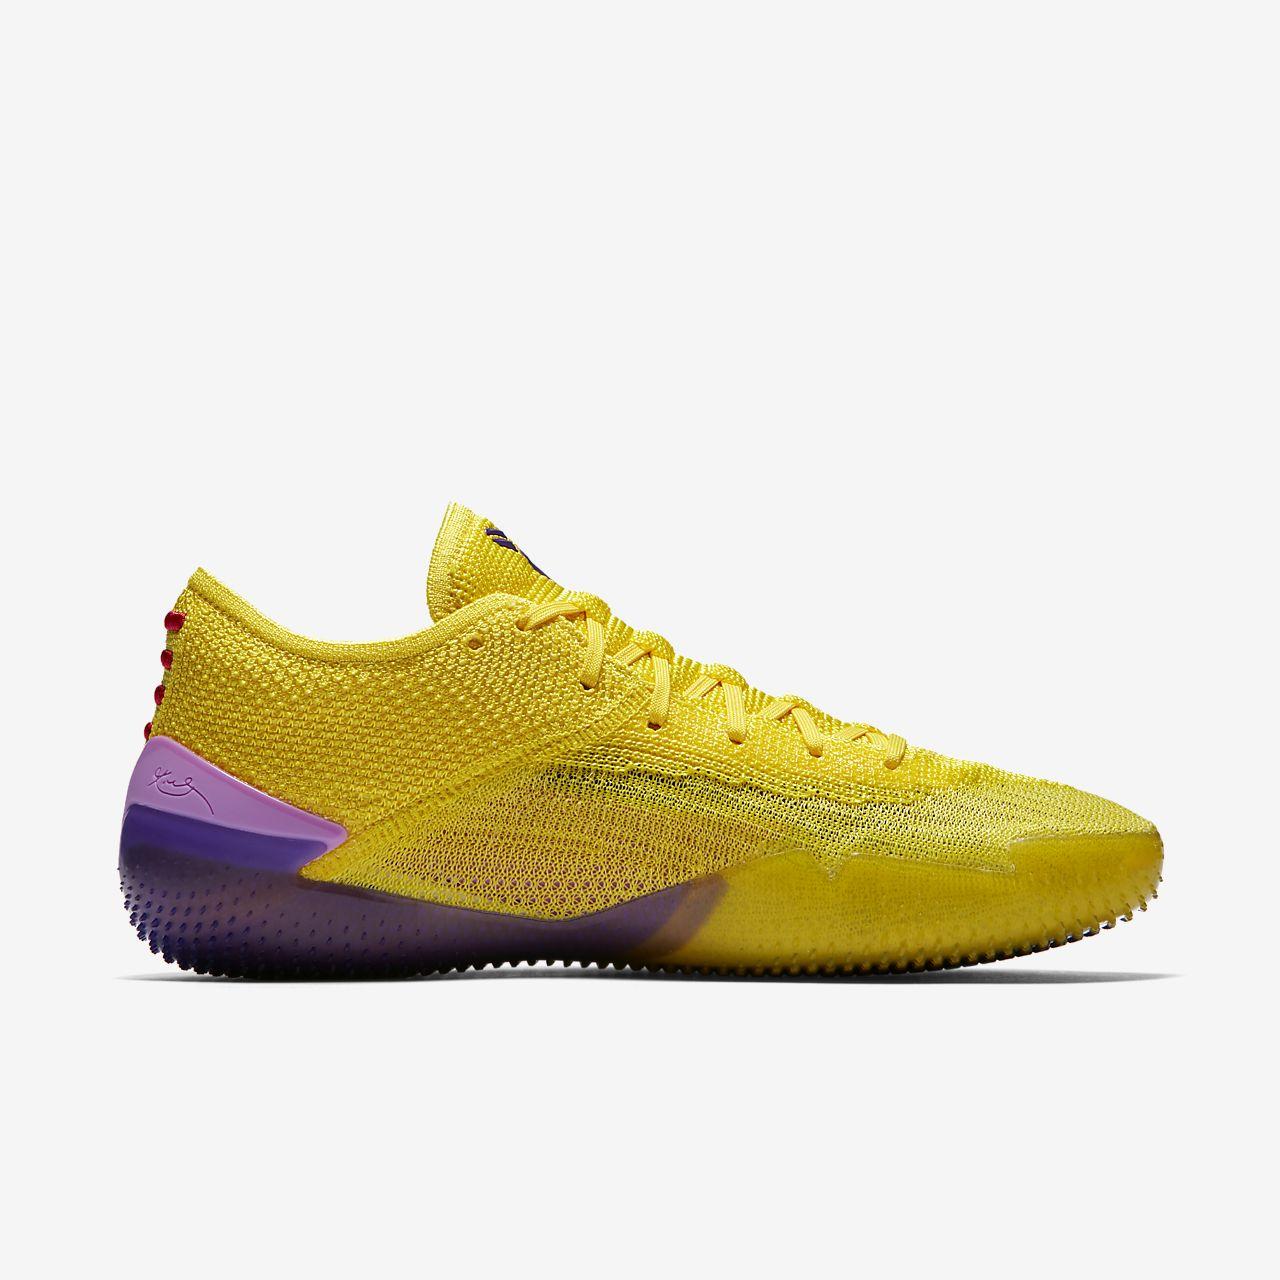 f4e5124c860655 Kobe A.D. NXT 360 Basketball Shoe. Nike.com GB